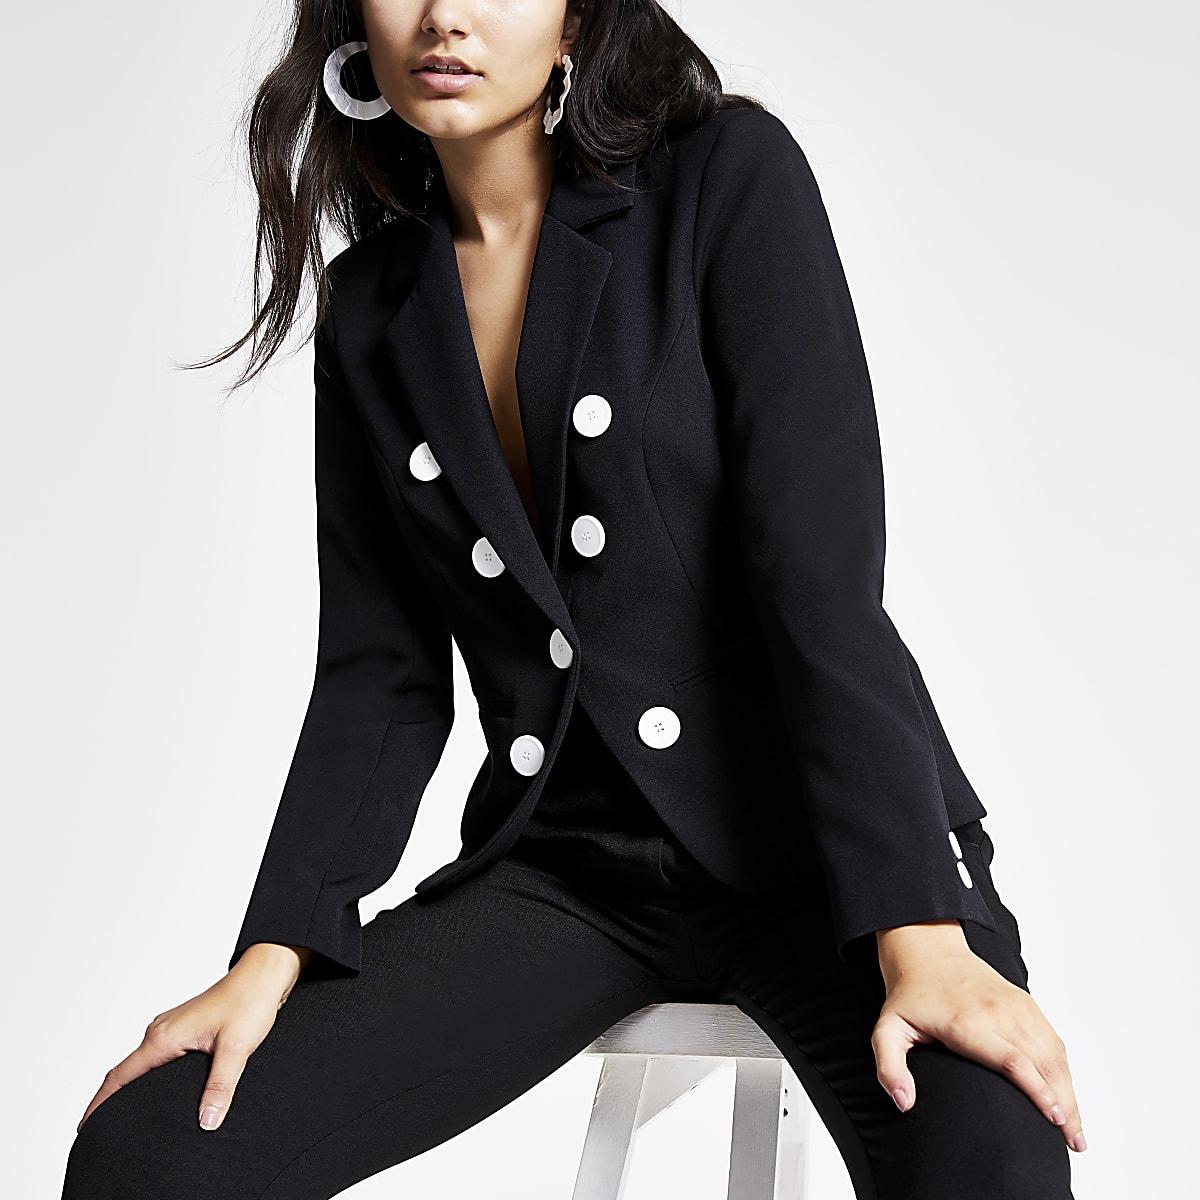 Black button front blazer